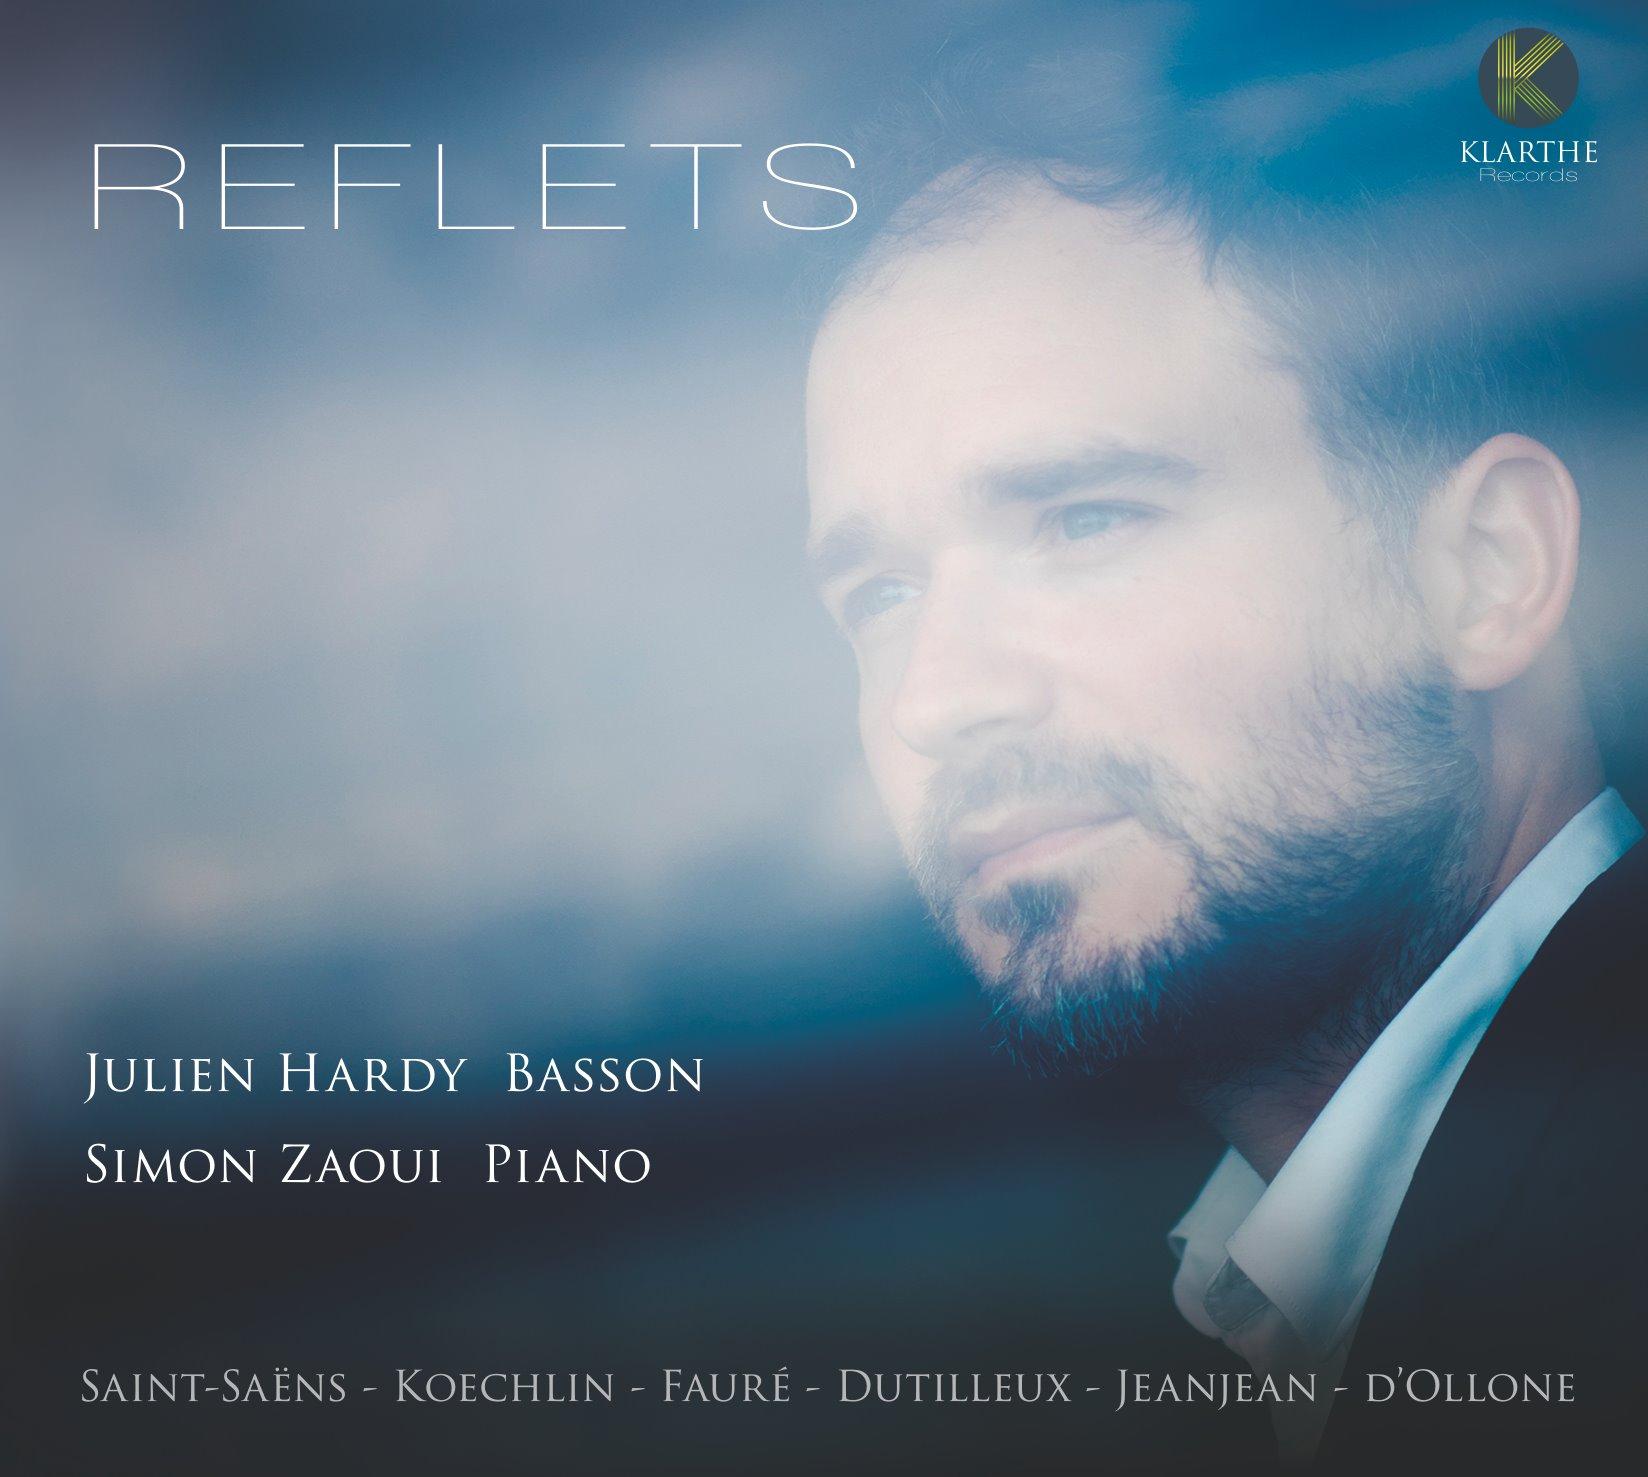 reflets julien hardy cd critique annonce concert classiquenews kla032couv_low